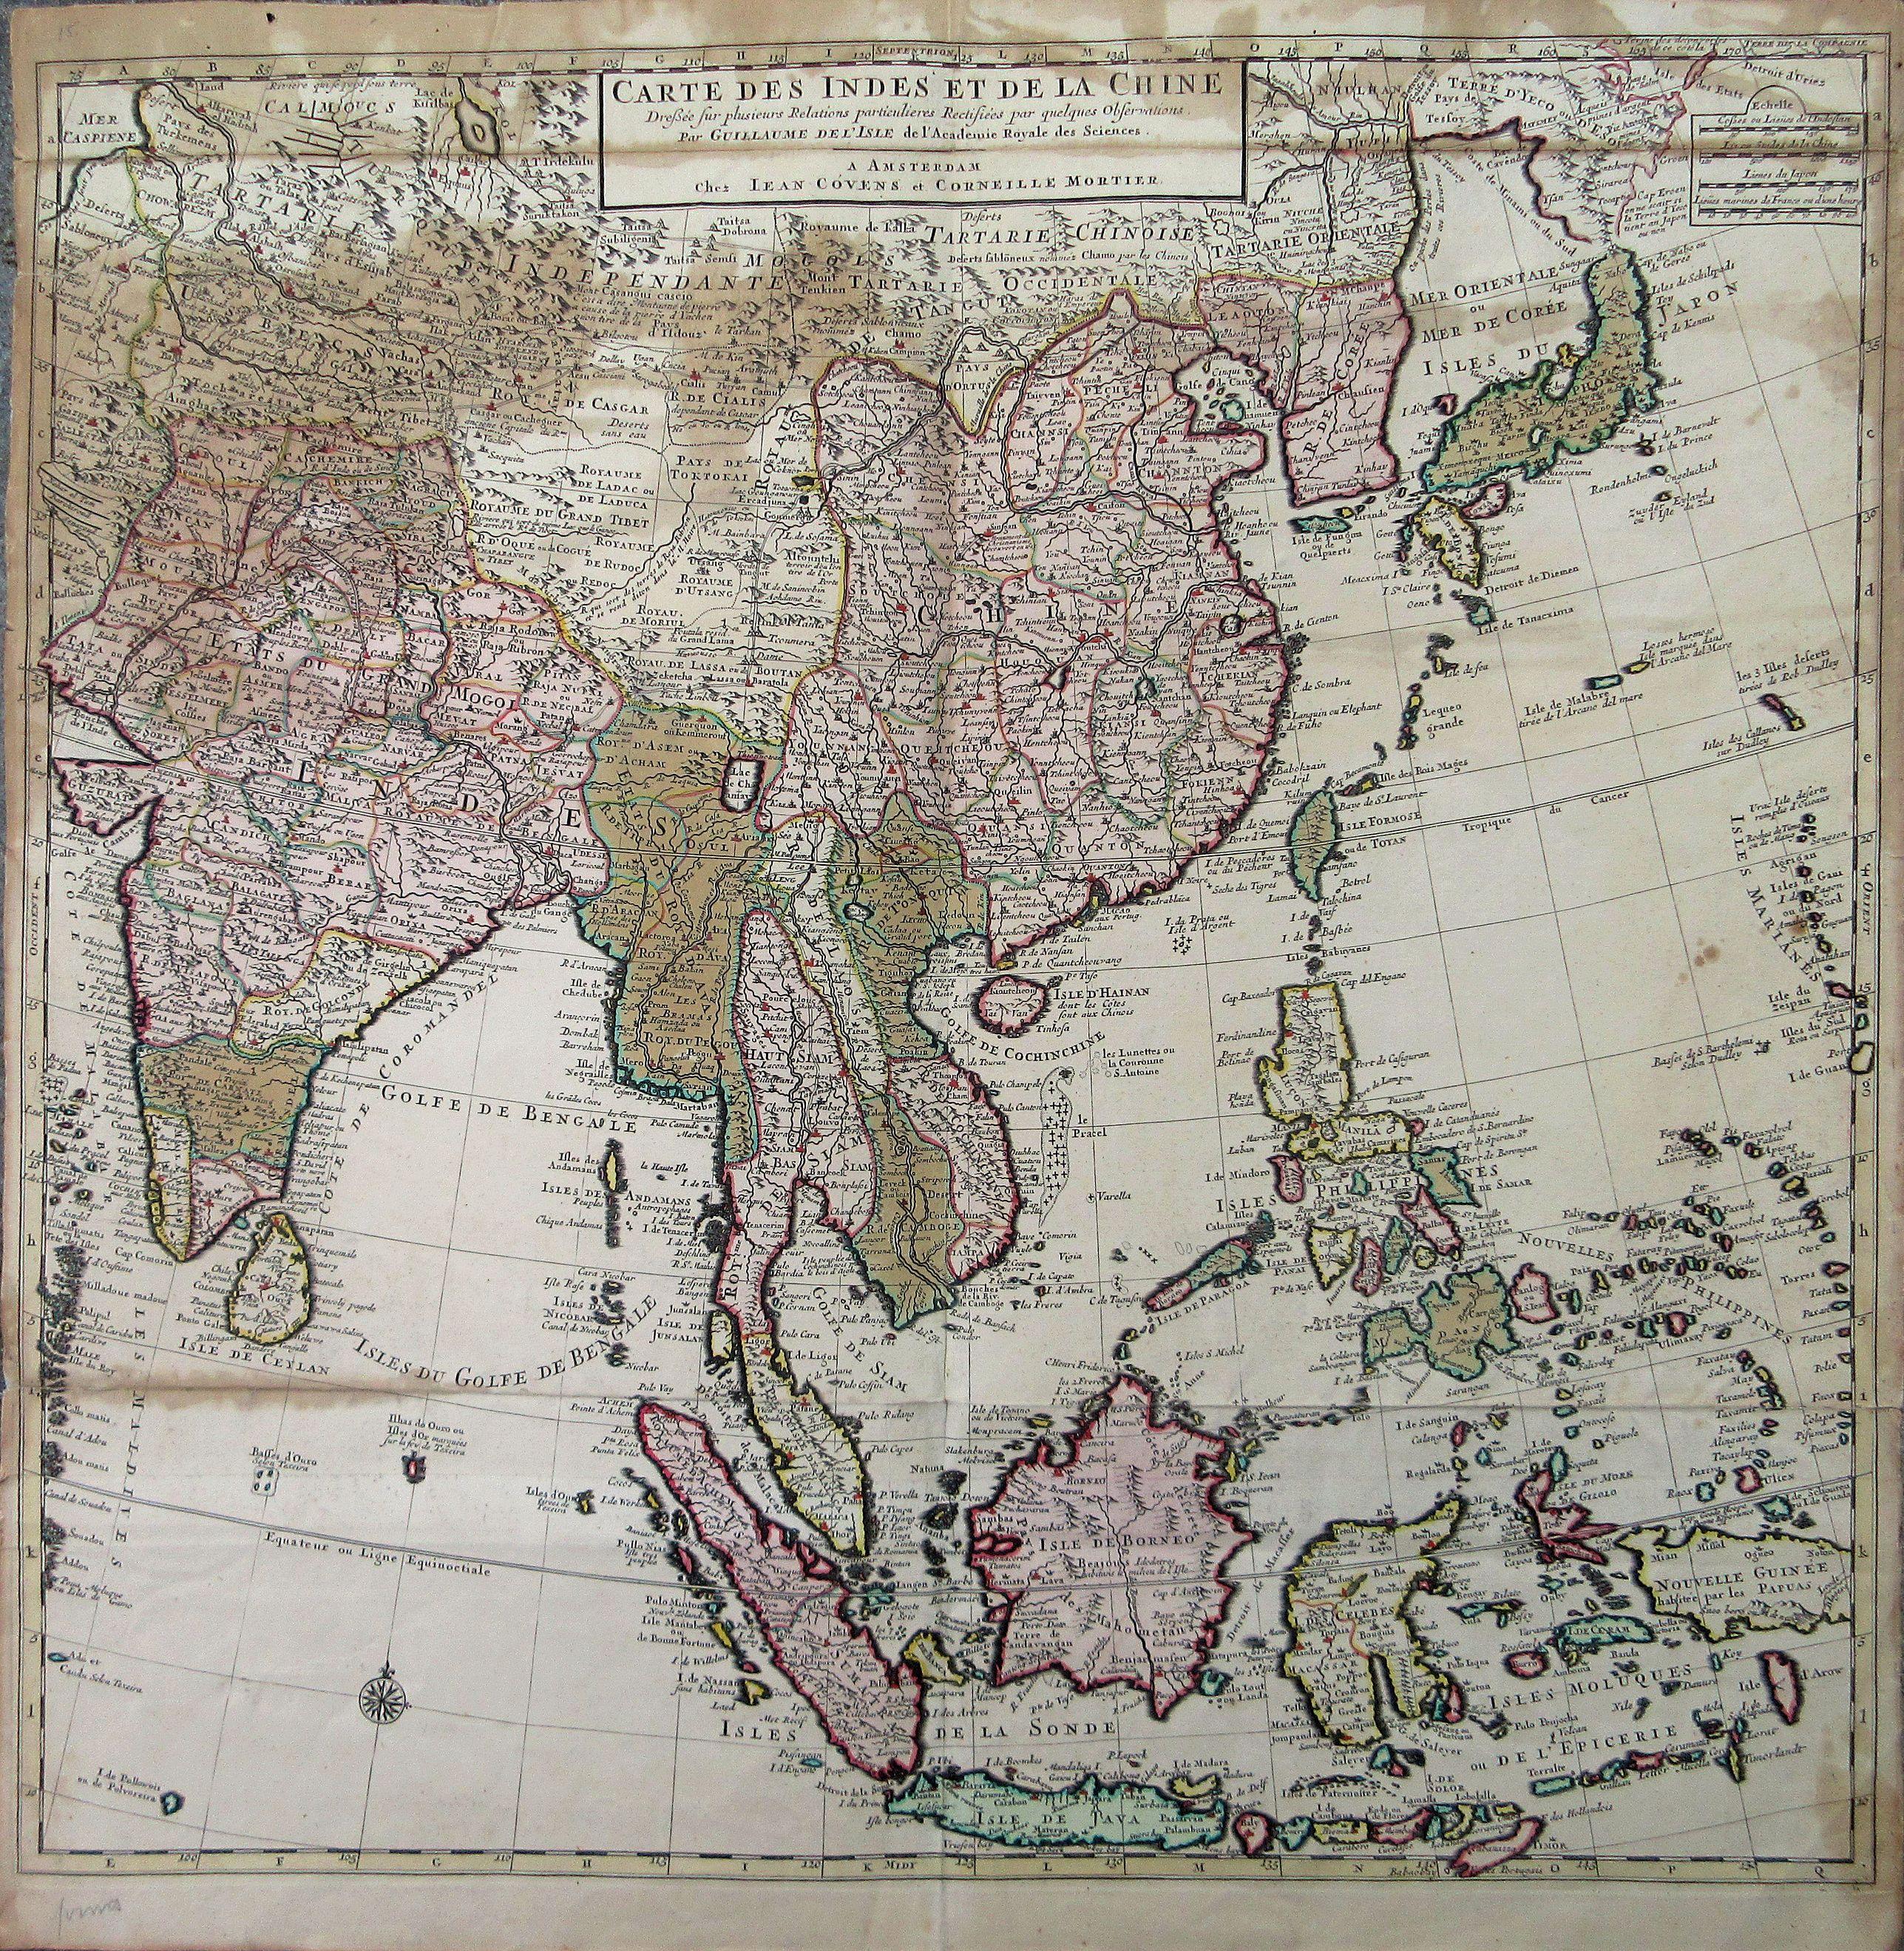 COVENS, Jean / Corneille MORTIER. - Carte Des Indes et de la Chine Dressee sur plusieurs Relations particulieres Rectifees par quelques Observations Par Guillaume De L'Isle. . .